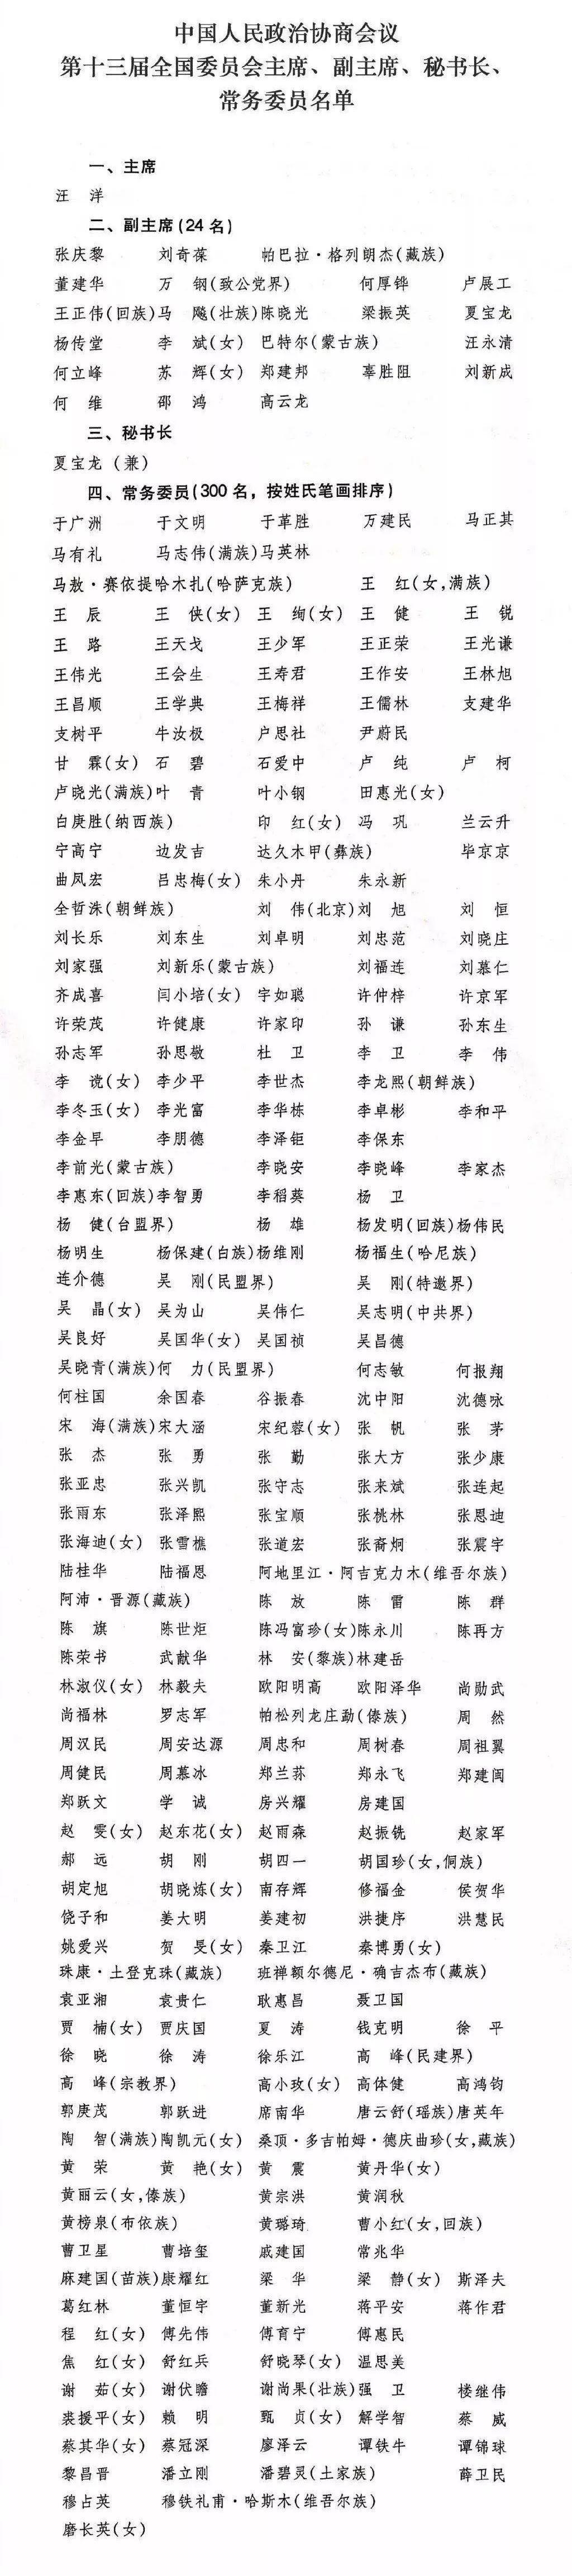 苏新程吉他弹唱精编曲谱集